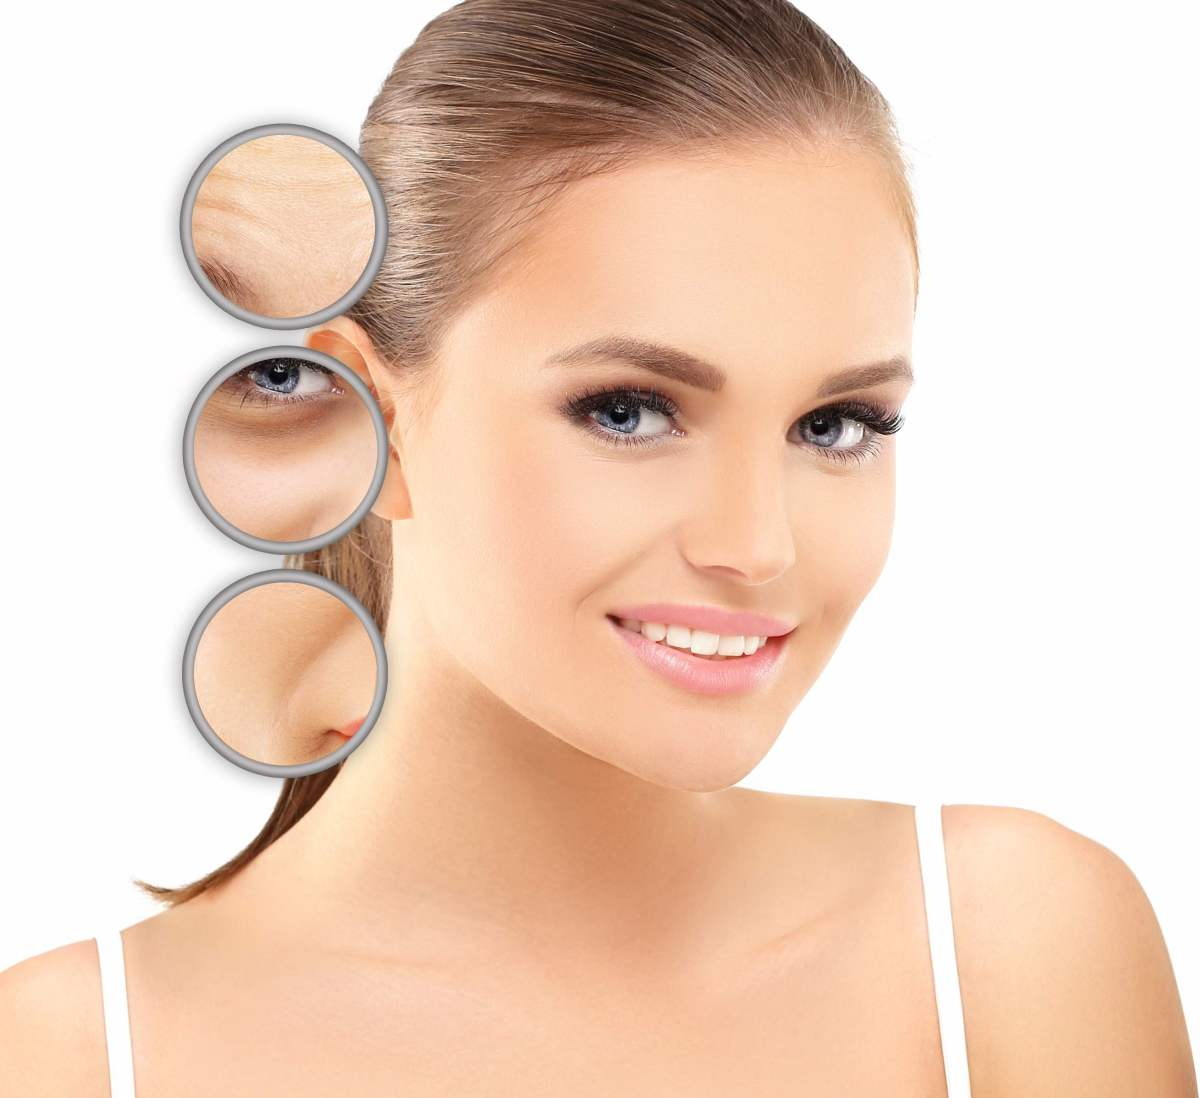 estetica del viso studio dentistico forcellini dalla corte